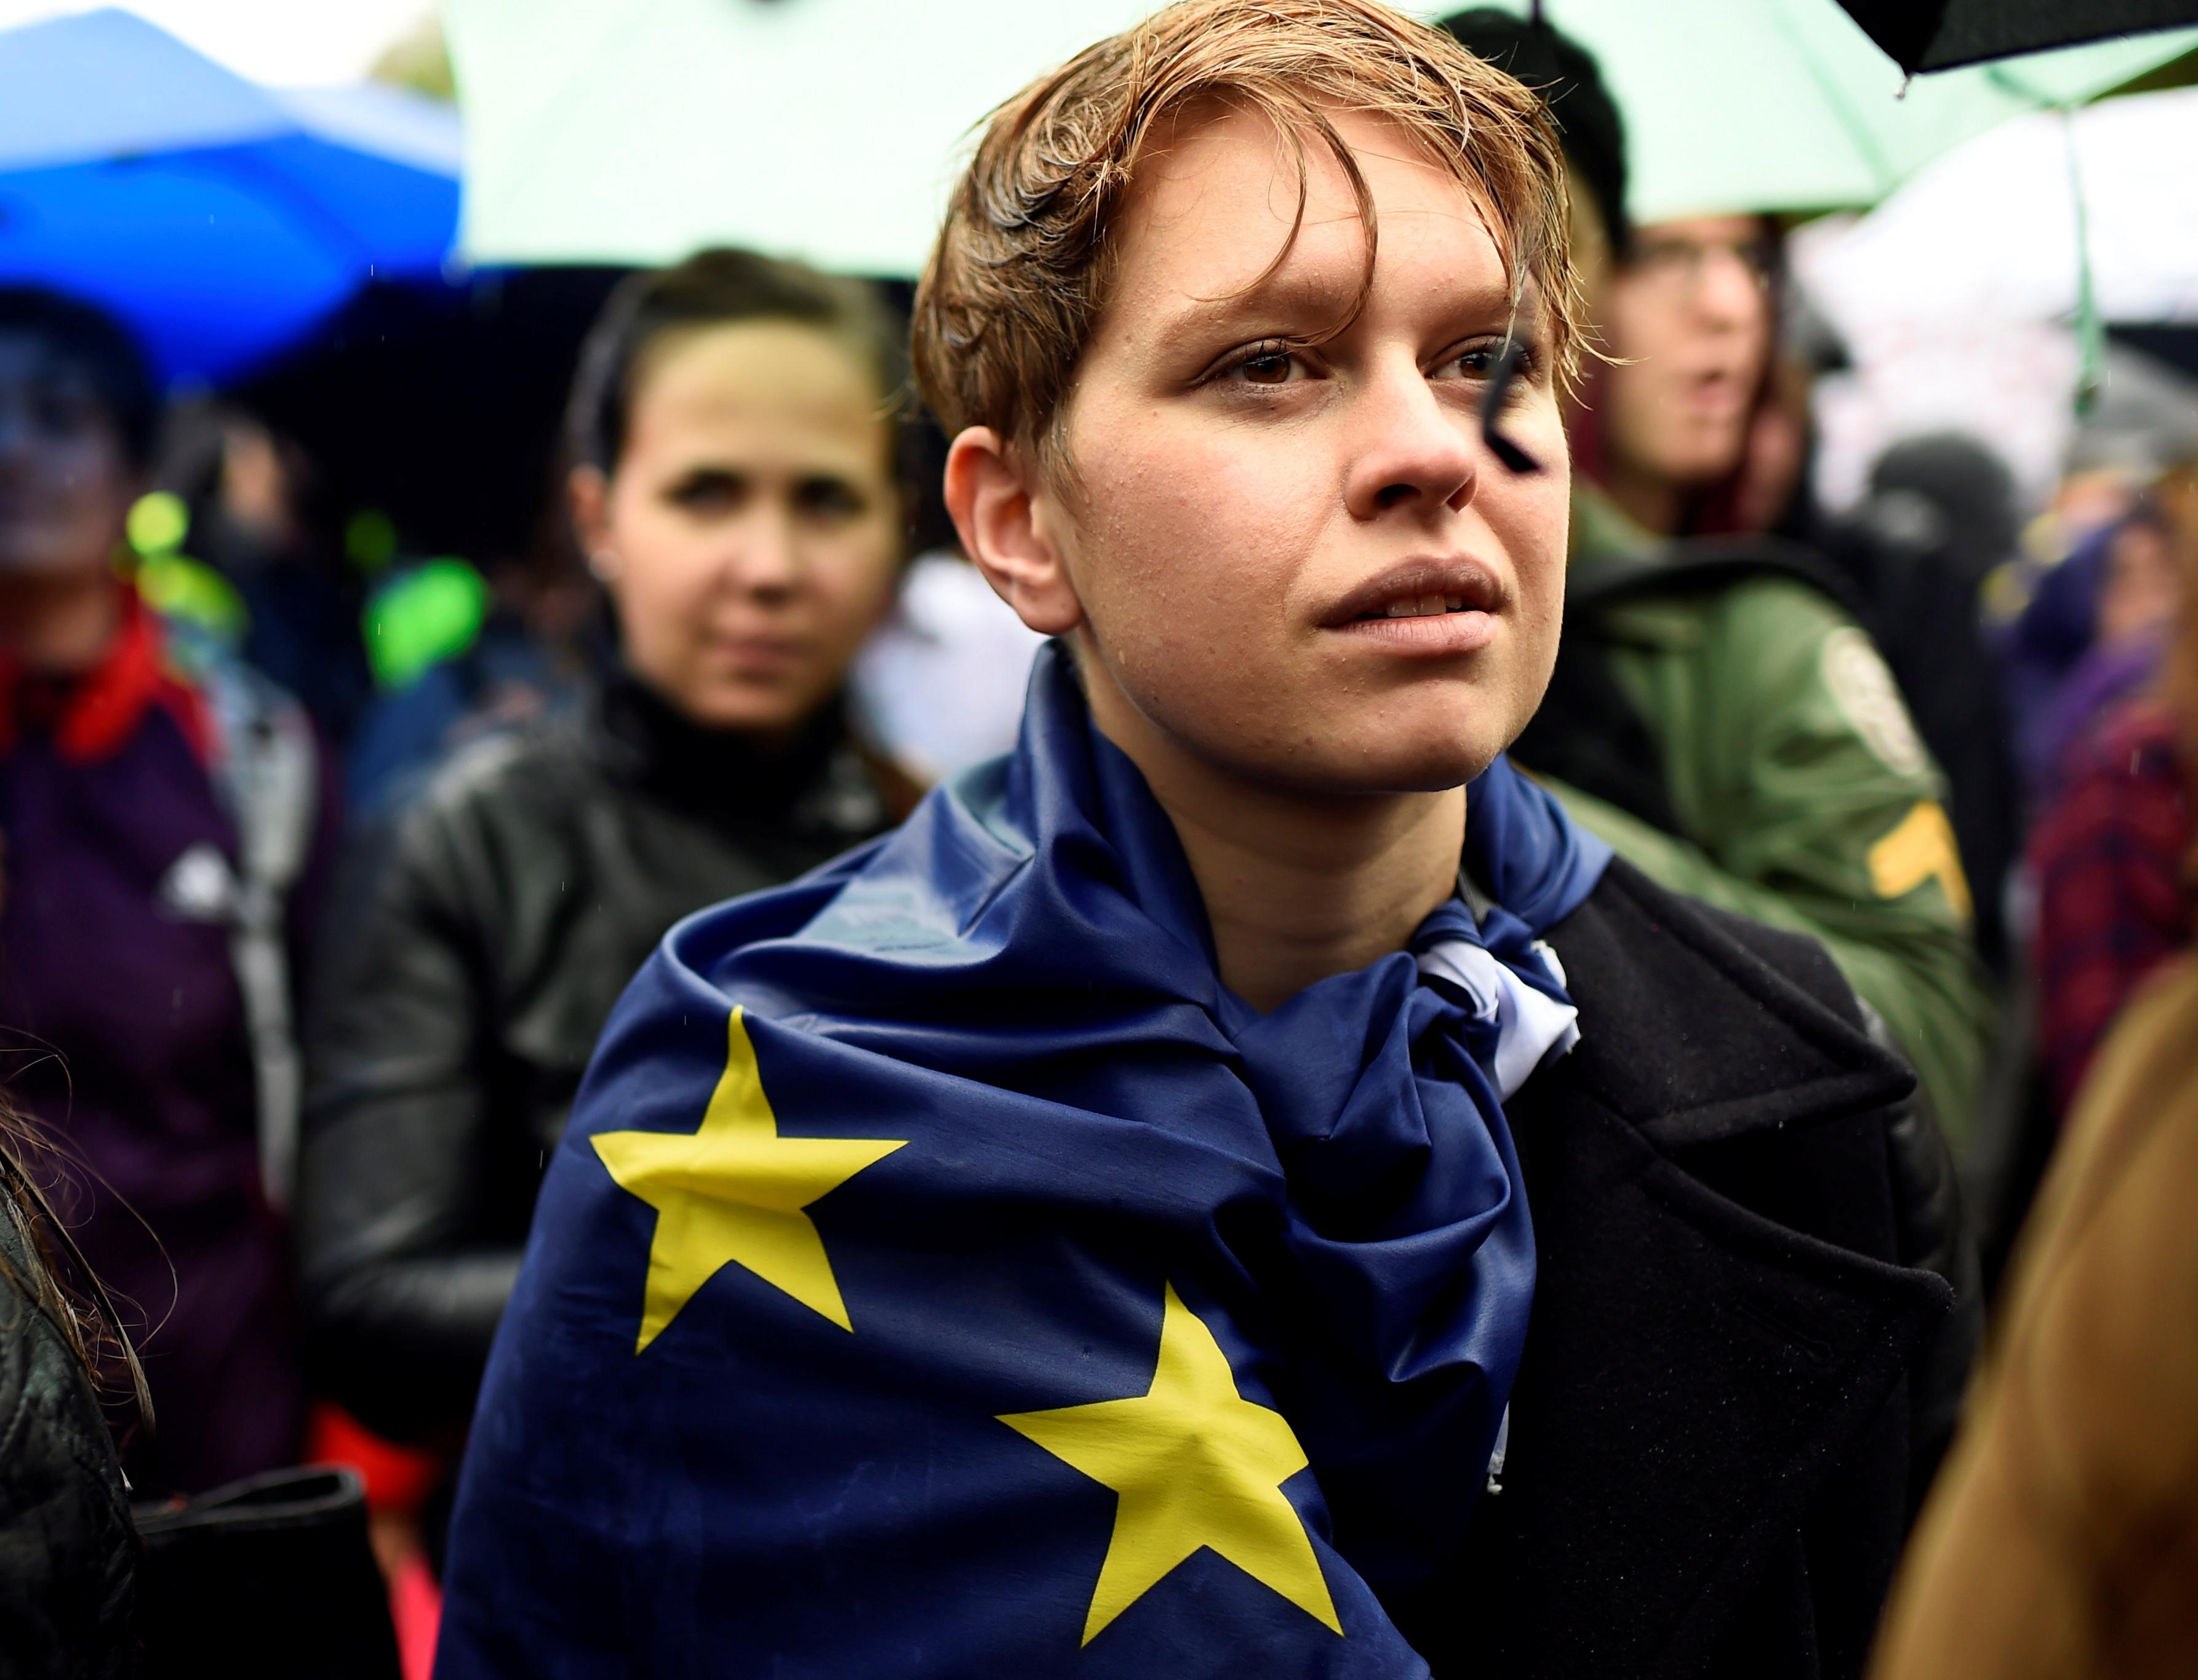 Manifestantes participan en una protesta para mostrar la solidaridad de Londres con la Unión Europea tras el referéndum de la UE, en la Plaza de Trafalgar, en el centro de Londres, el 28 de junio de 2016 (REUTERS/Dylan Martinez)